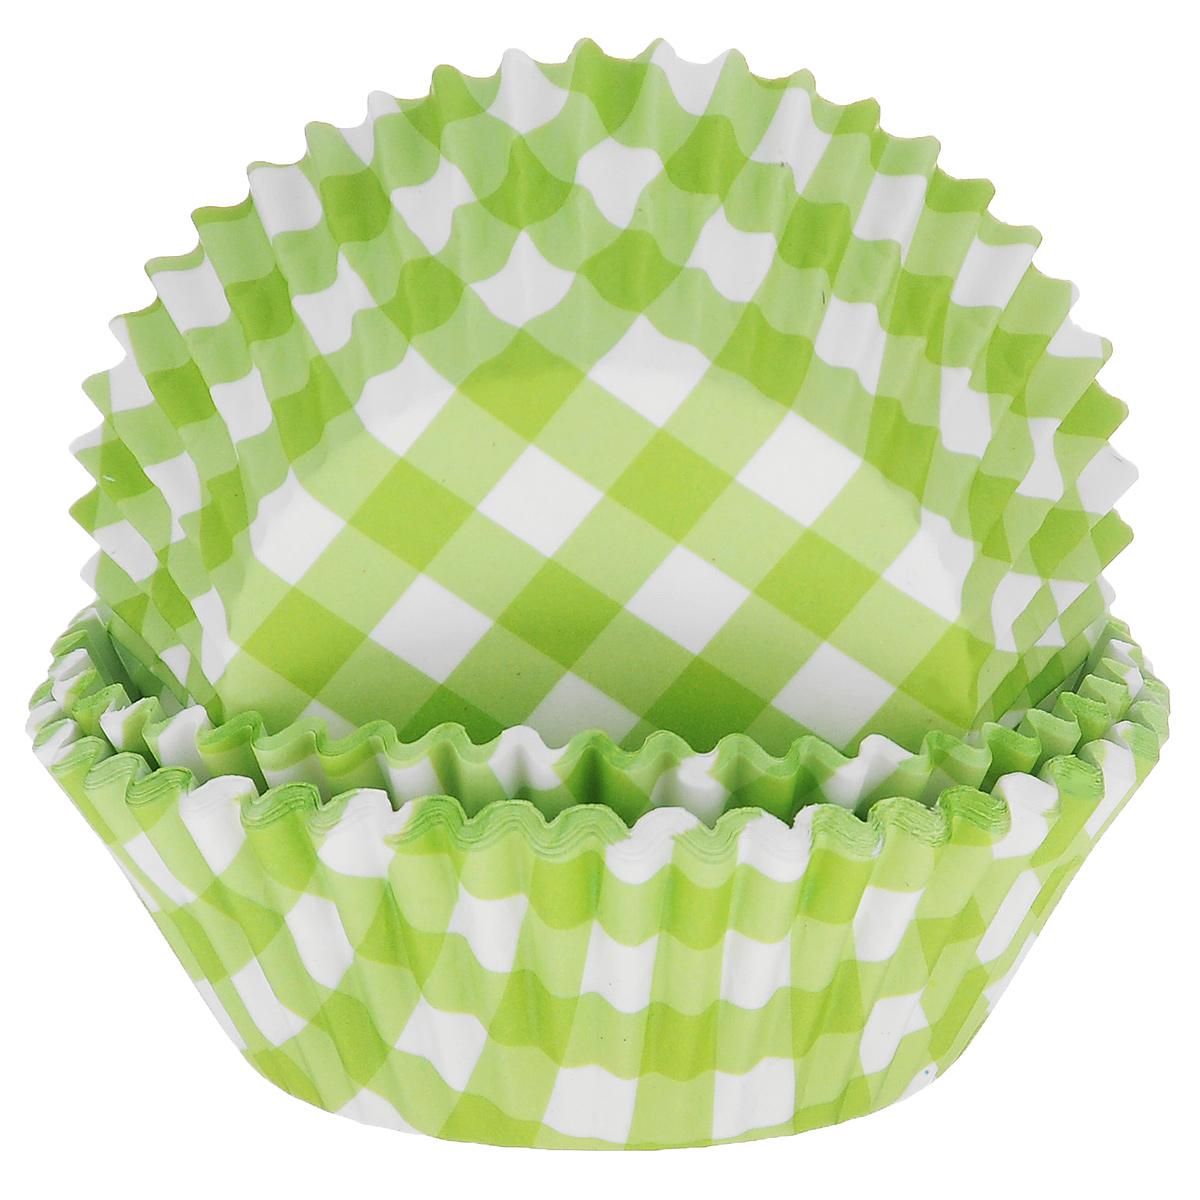 Набор бумажных форм для кексов Dolce Arti Клетка, цвет: зеленый, диаметр 7 см, 50 штFS-91909Набор Dolce Arti Клетка состоит из 50 бумажных форм для кексов, оформленных принтом в клетку. Они предназначены для выпечки и упаковки кондитерских изделий, также могут использоваться для сервировки орешков, конфет и много другого. Для одноразового применения. Гофрированные бумажные формы идеальны для выпечки кексов, булочек и пирожных.Высота стенки: 3 см. Диаметр (по верхнему краю): 7 см.